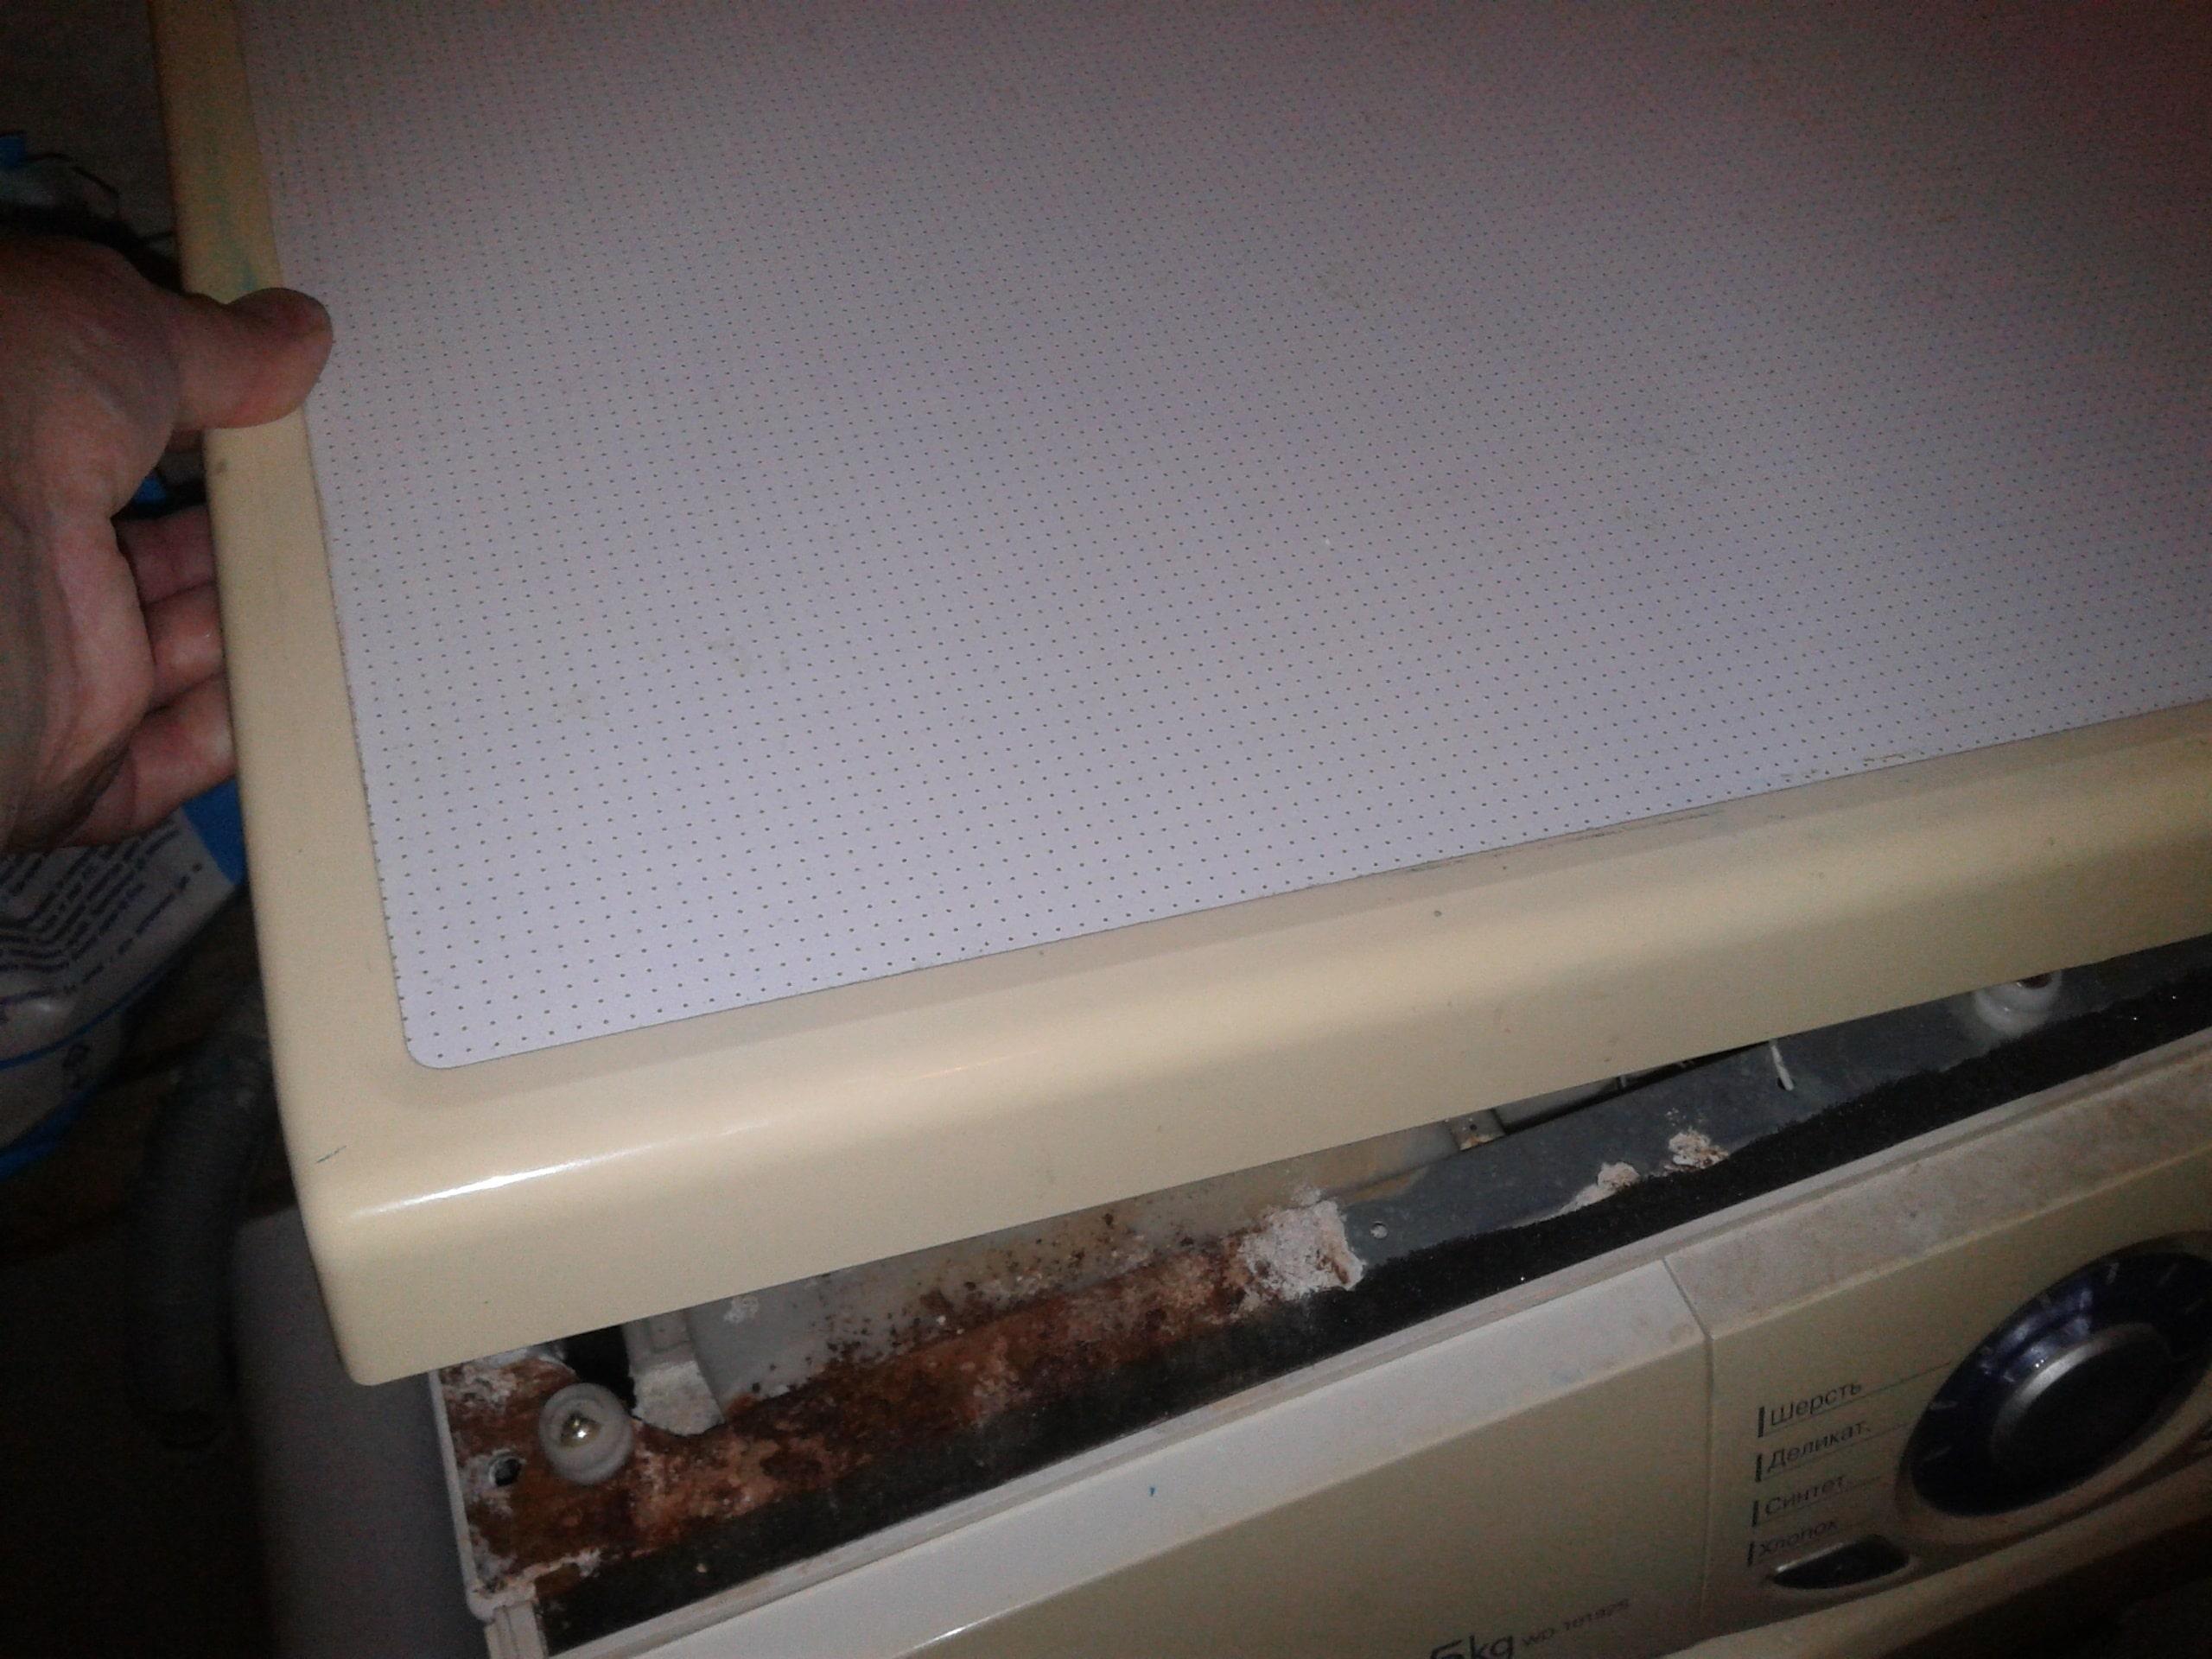 Инструкция по разборке стиральной машины LG